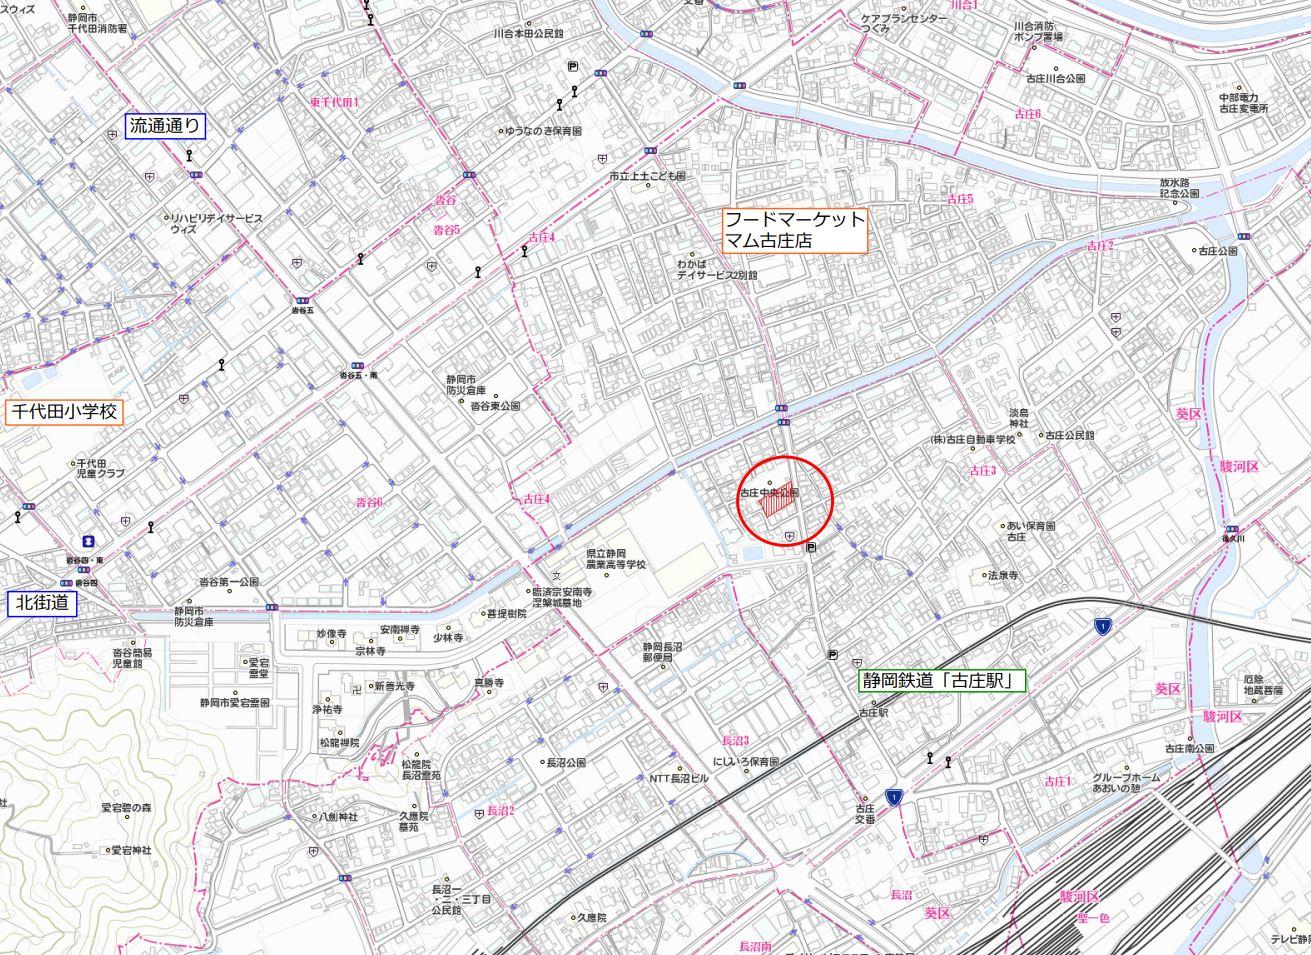 ナビ検索は「静岡市葵区古庄三丁目2-56」でお越しください。